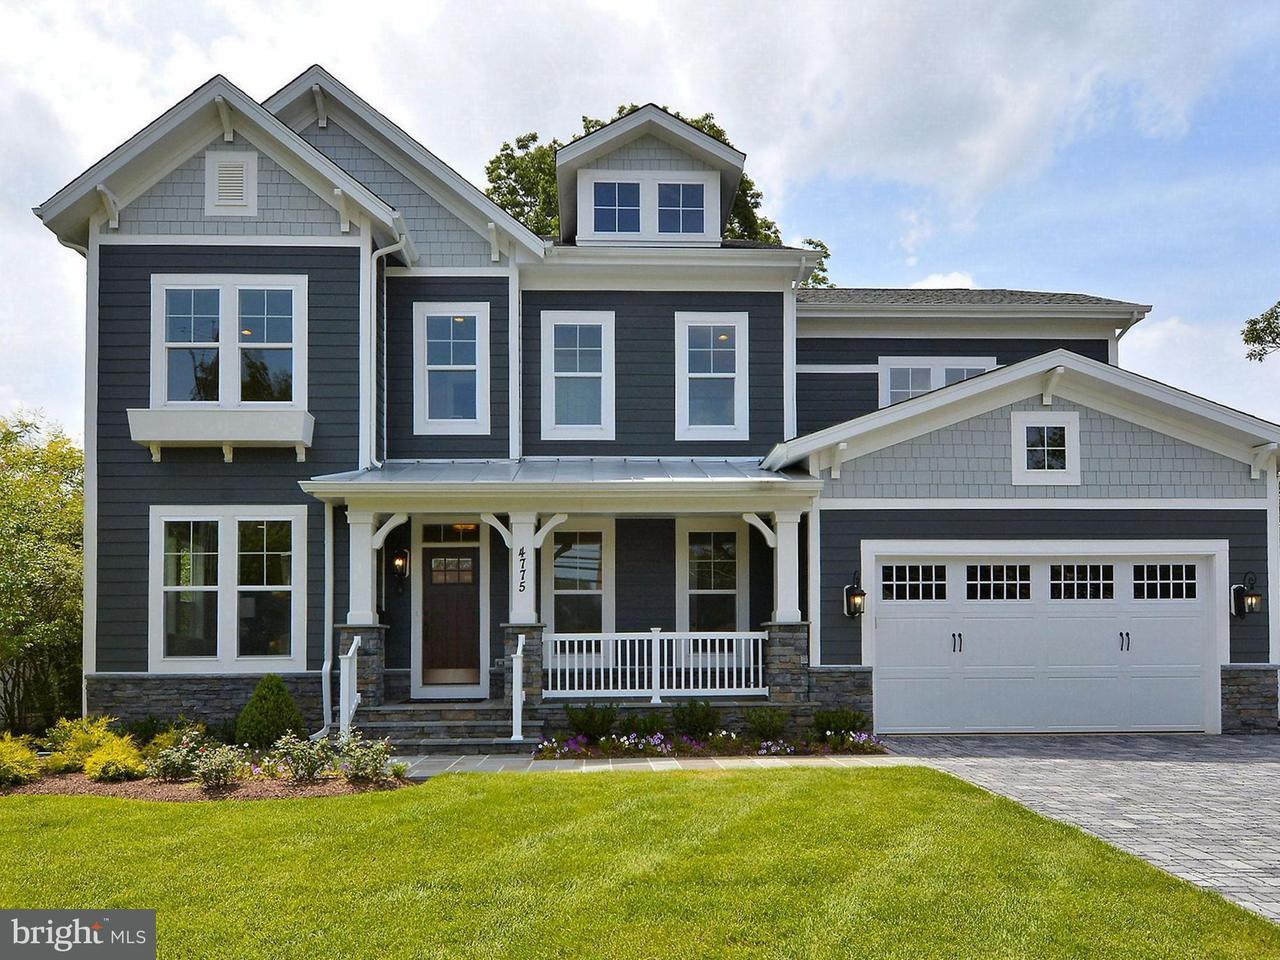 獨棟家庭住宅 為 出售 在 12462 MARGARET THOMAS Lane 12462 MARGARET THOMAS Lane Herndon, 弗吉尼亞州 20171 美國